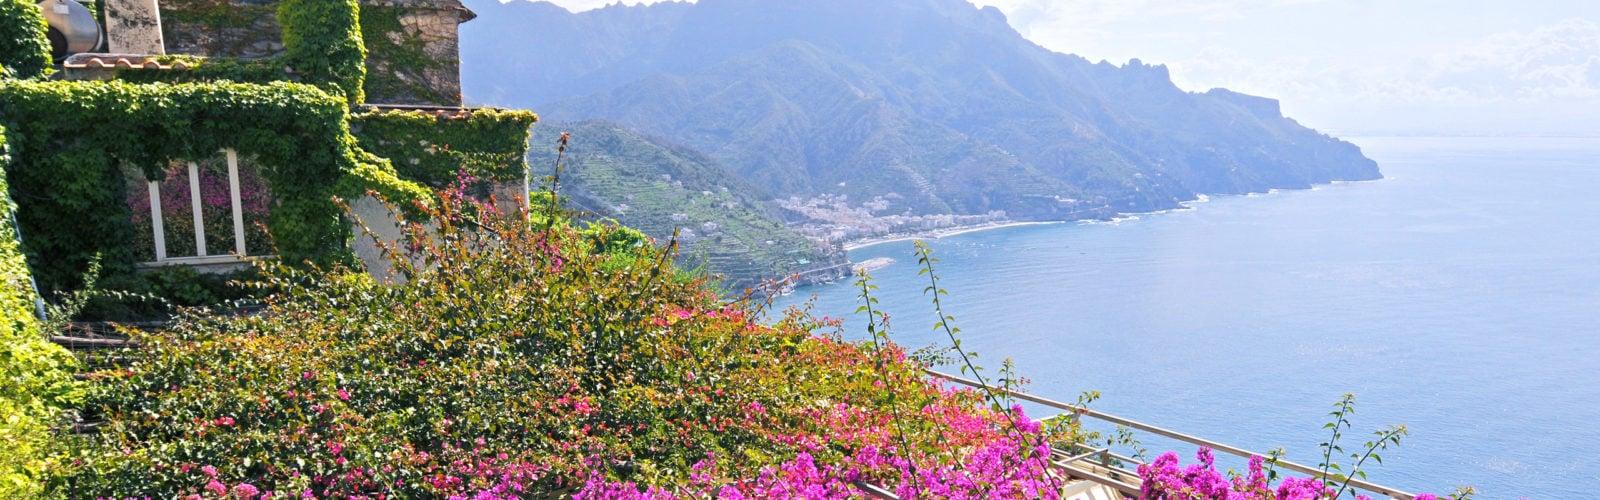 Views over the sea on the Amalfi Coast, Italy.